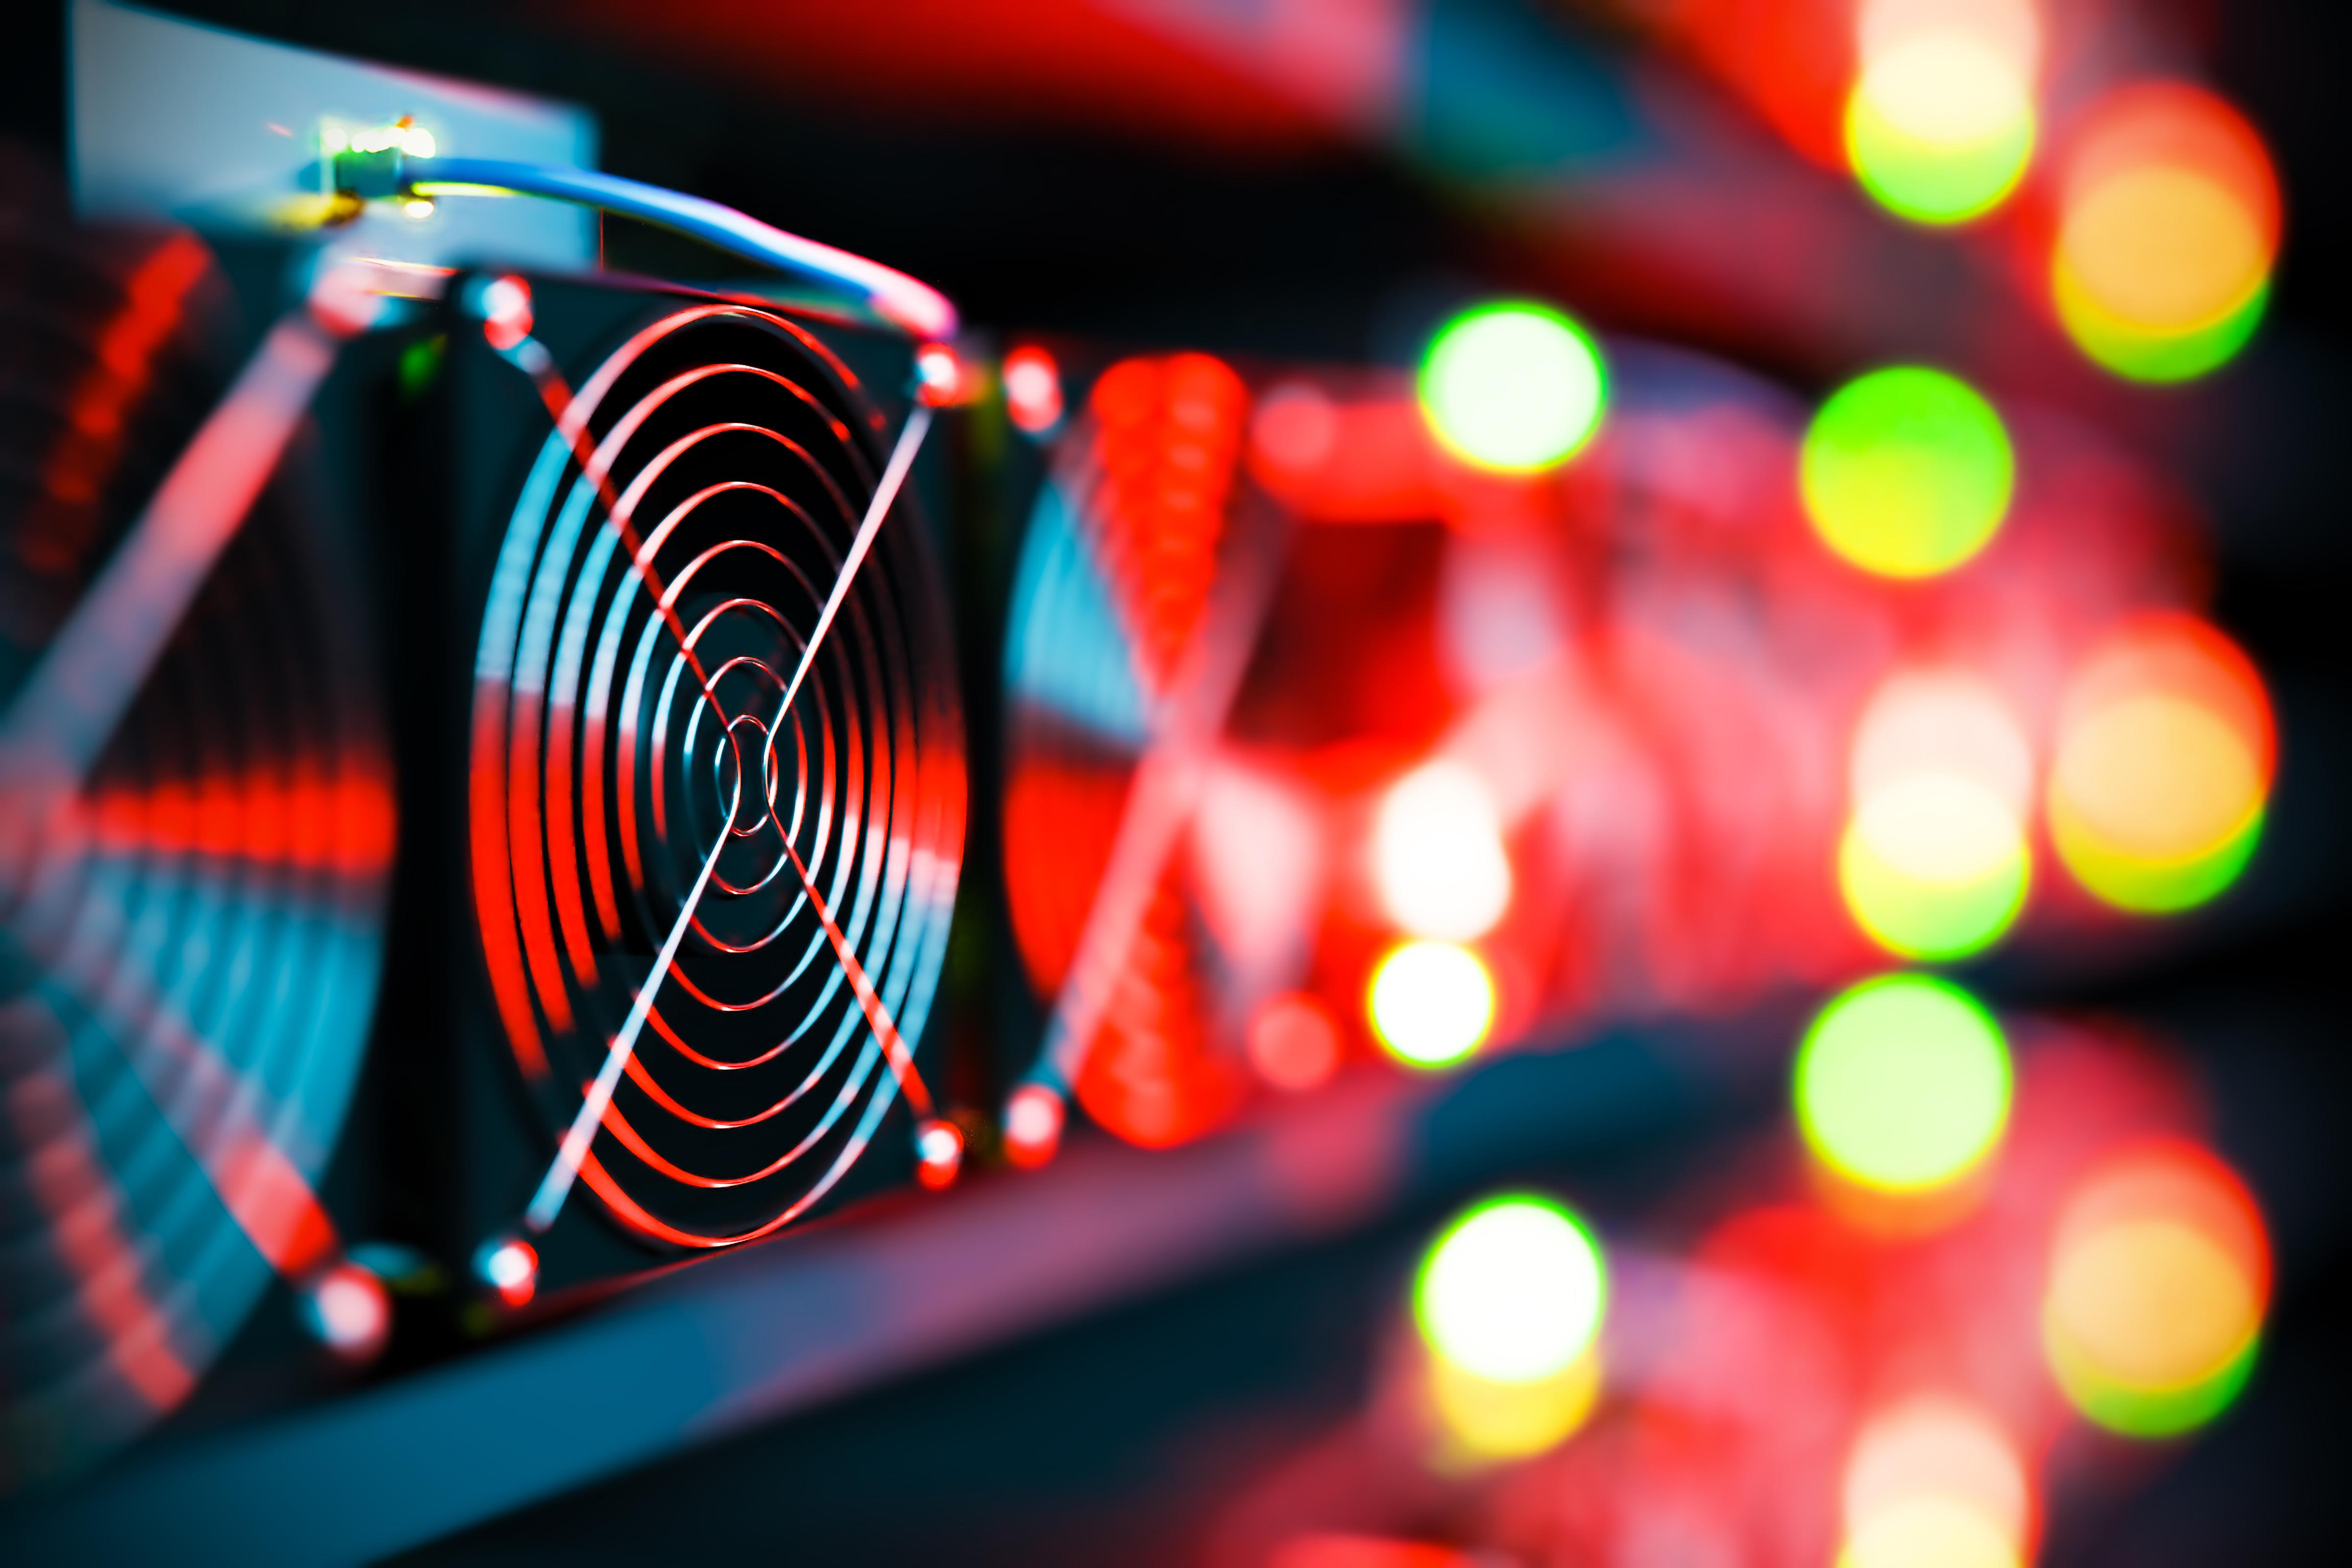 Bloq Labs、ハッシュ電力を2桁増加させることを目的としたソフトウェアスイートを発表